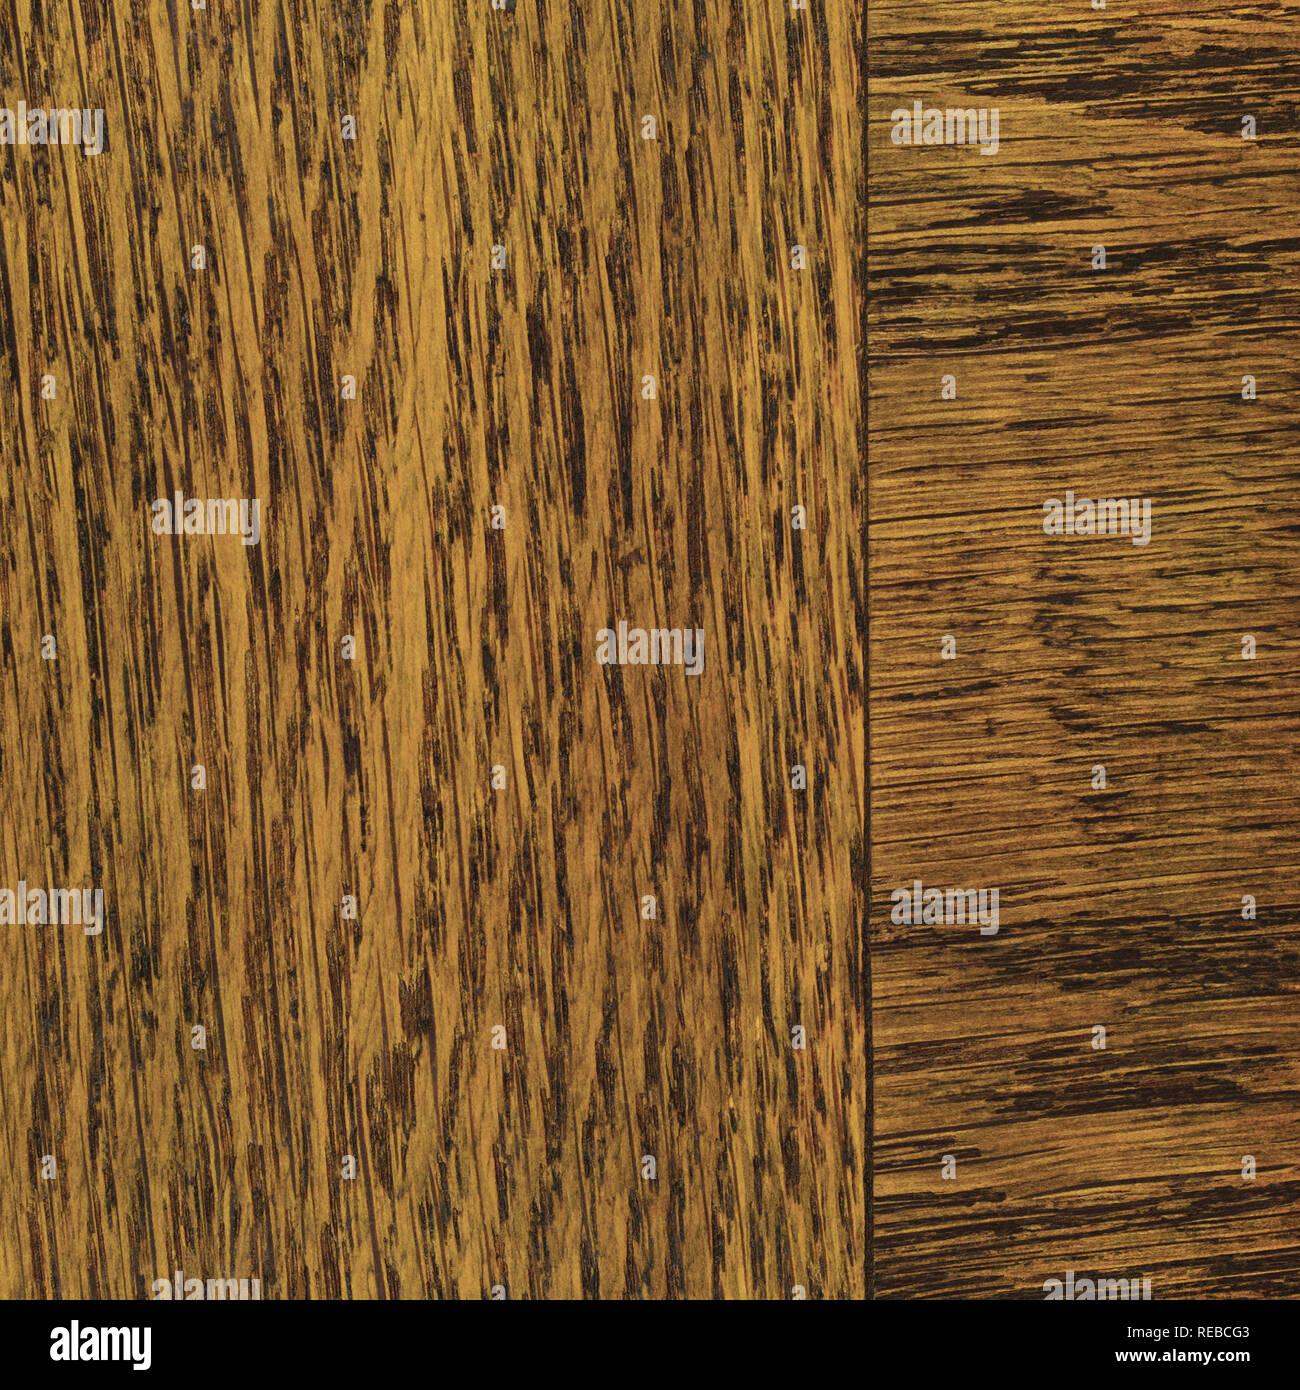 Rovere Impiallacciatura Di Grano Texture Di Sfondo Scuro